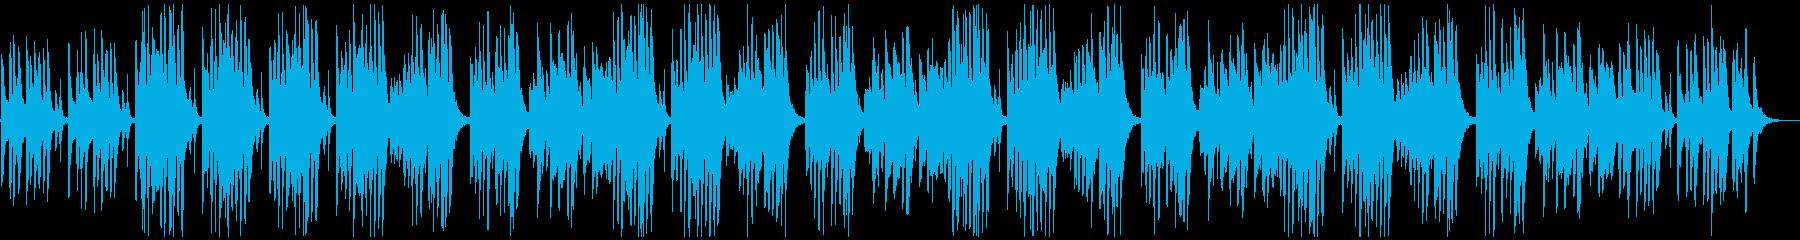 ほのぼのギャグ系・ドラマの日常ワンシーンの再生済みの波形